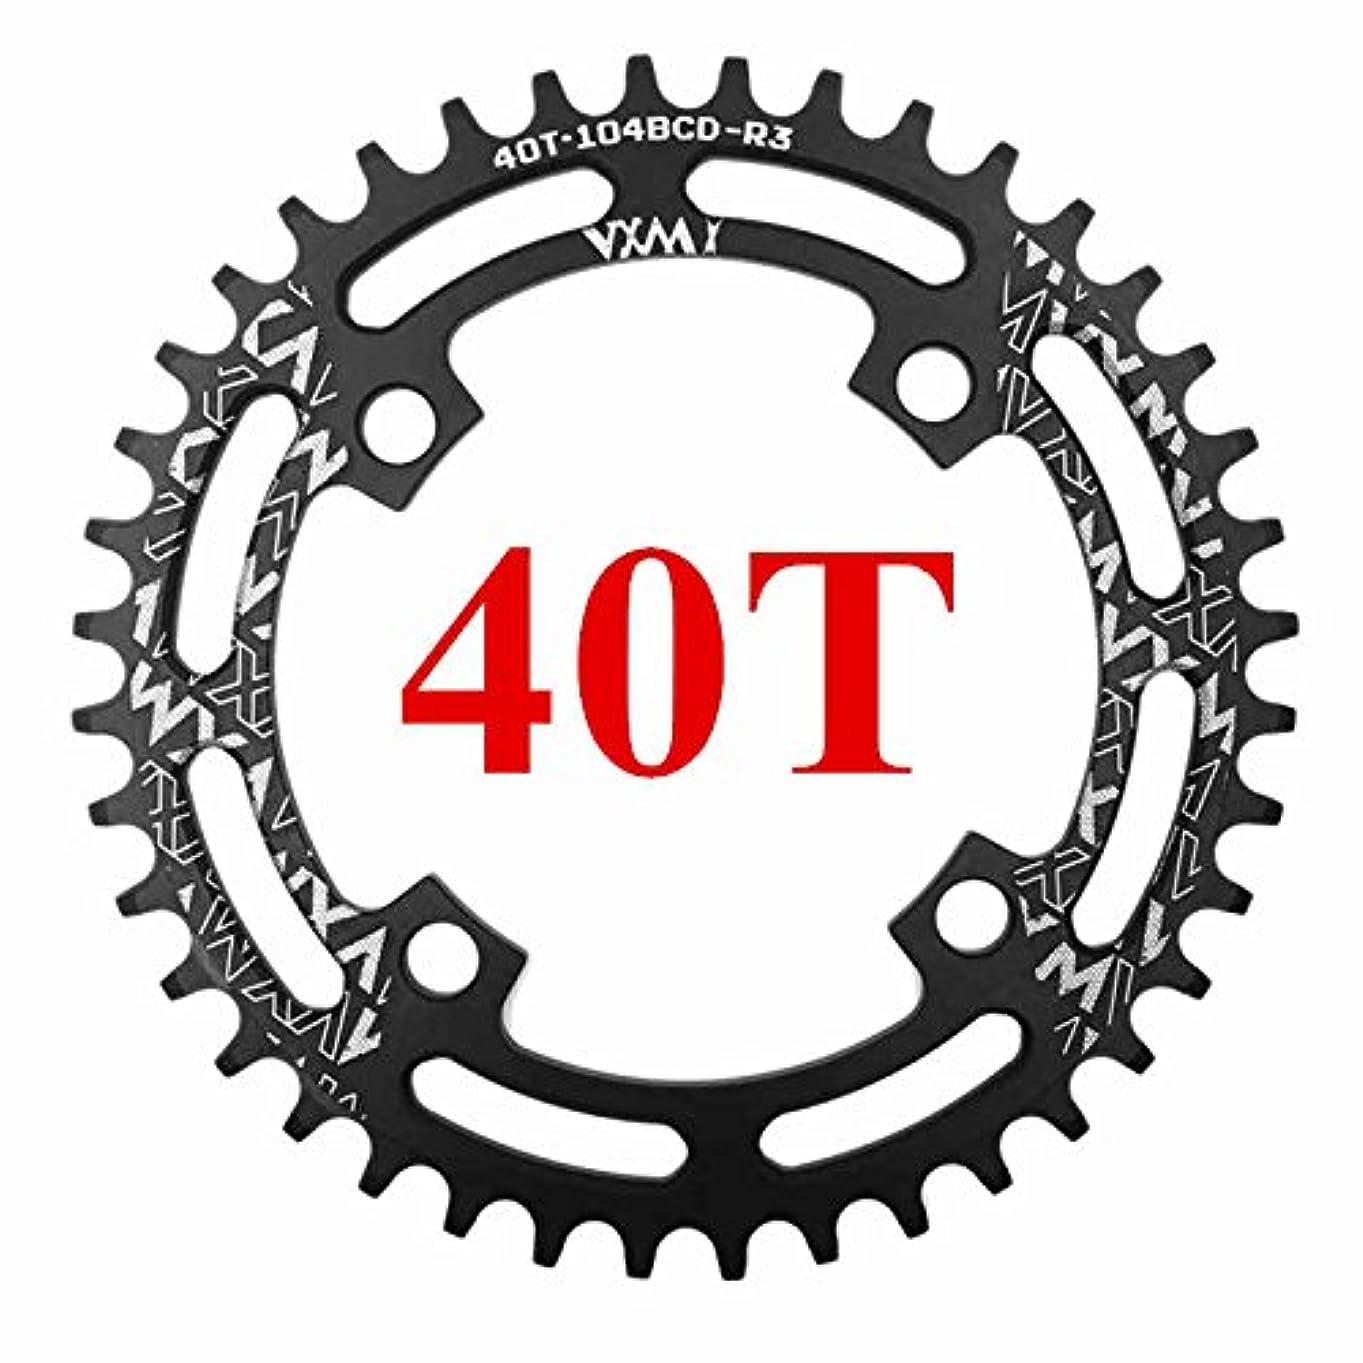 大気首相隠Propenary - 自転車104BCDクランクオーバルラウンド30T 32T 34T 36T 38T 40T 42T 44T 46T 48T 50T 52TチェーンホイールXT狭い広い自転車チェーンリング[ラウンド40Tブラック]